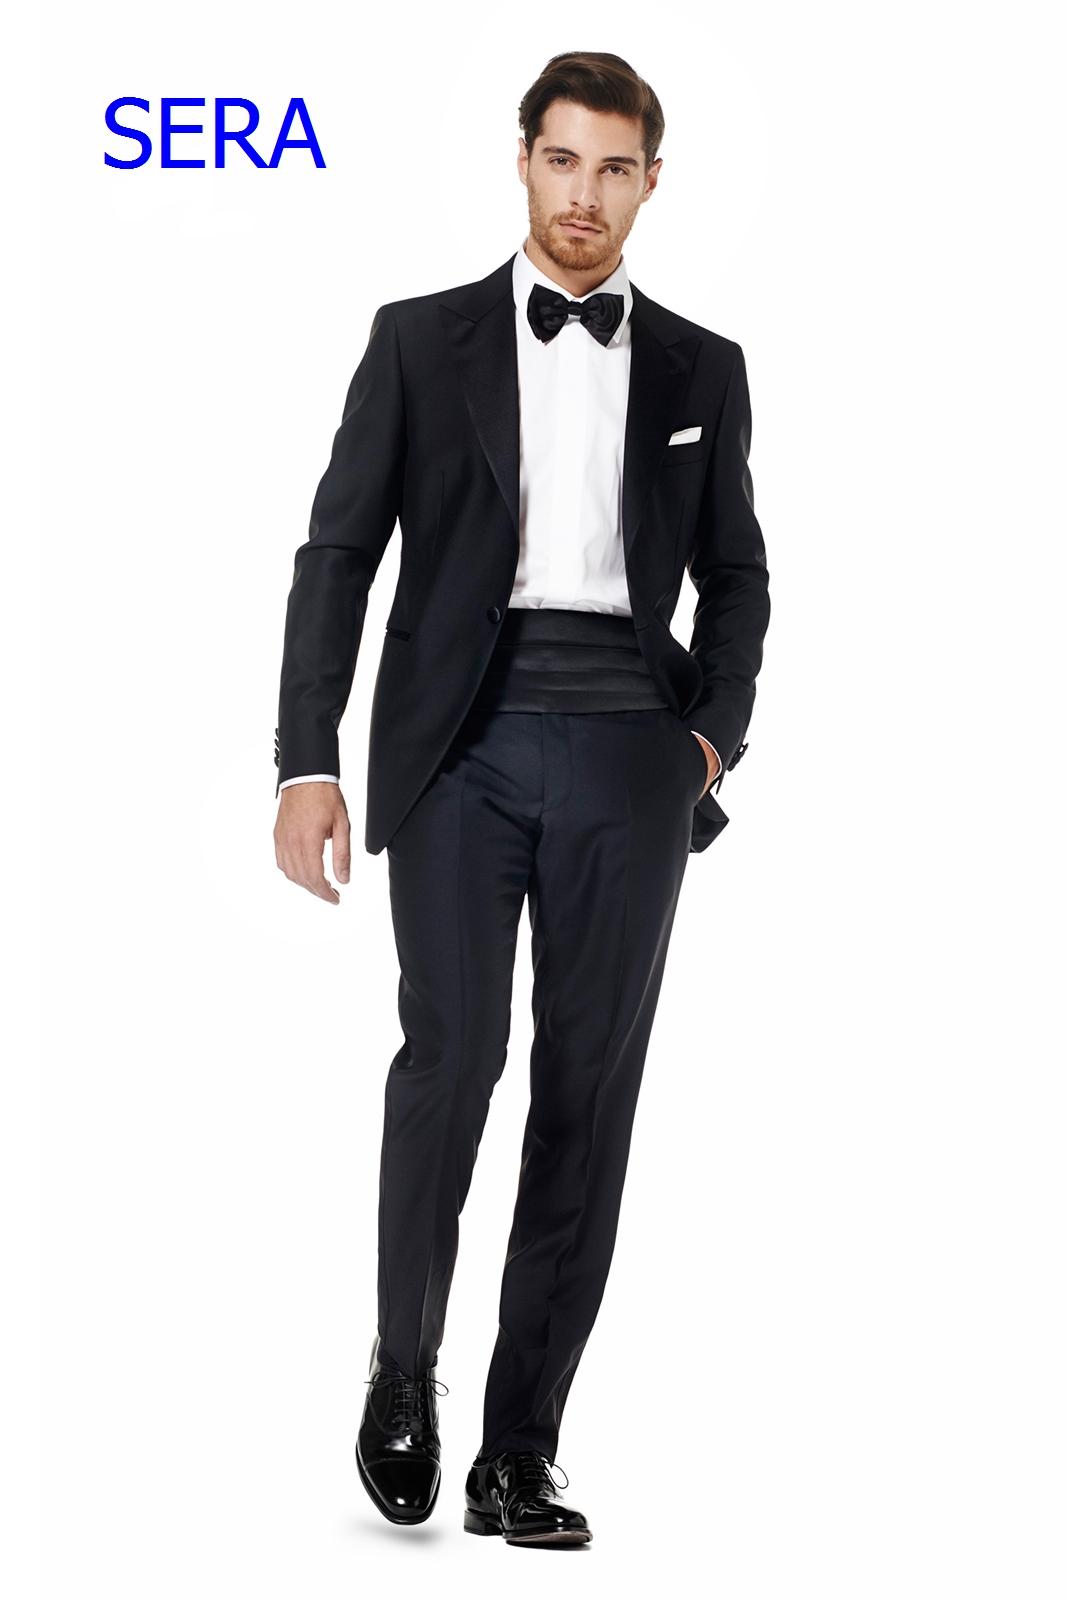 I 7 errori da evitare nella scelta di un abito maschile da cerimonia ... 4f7f9e7869f